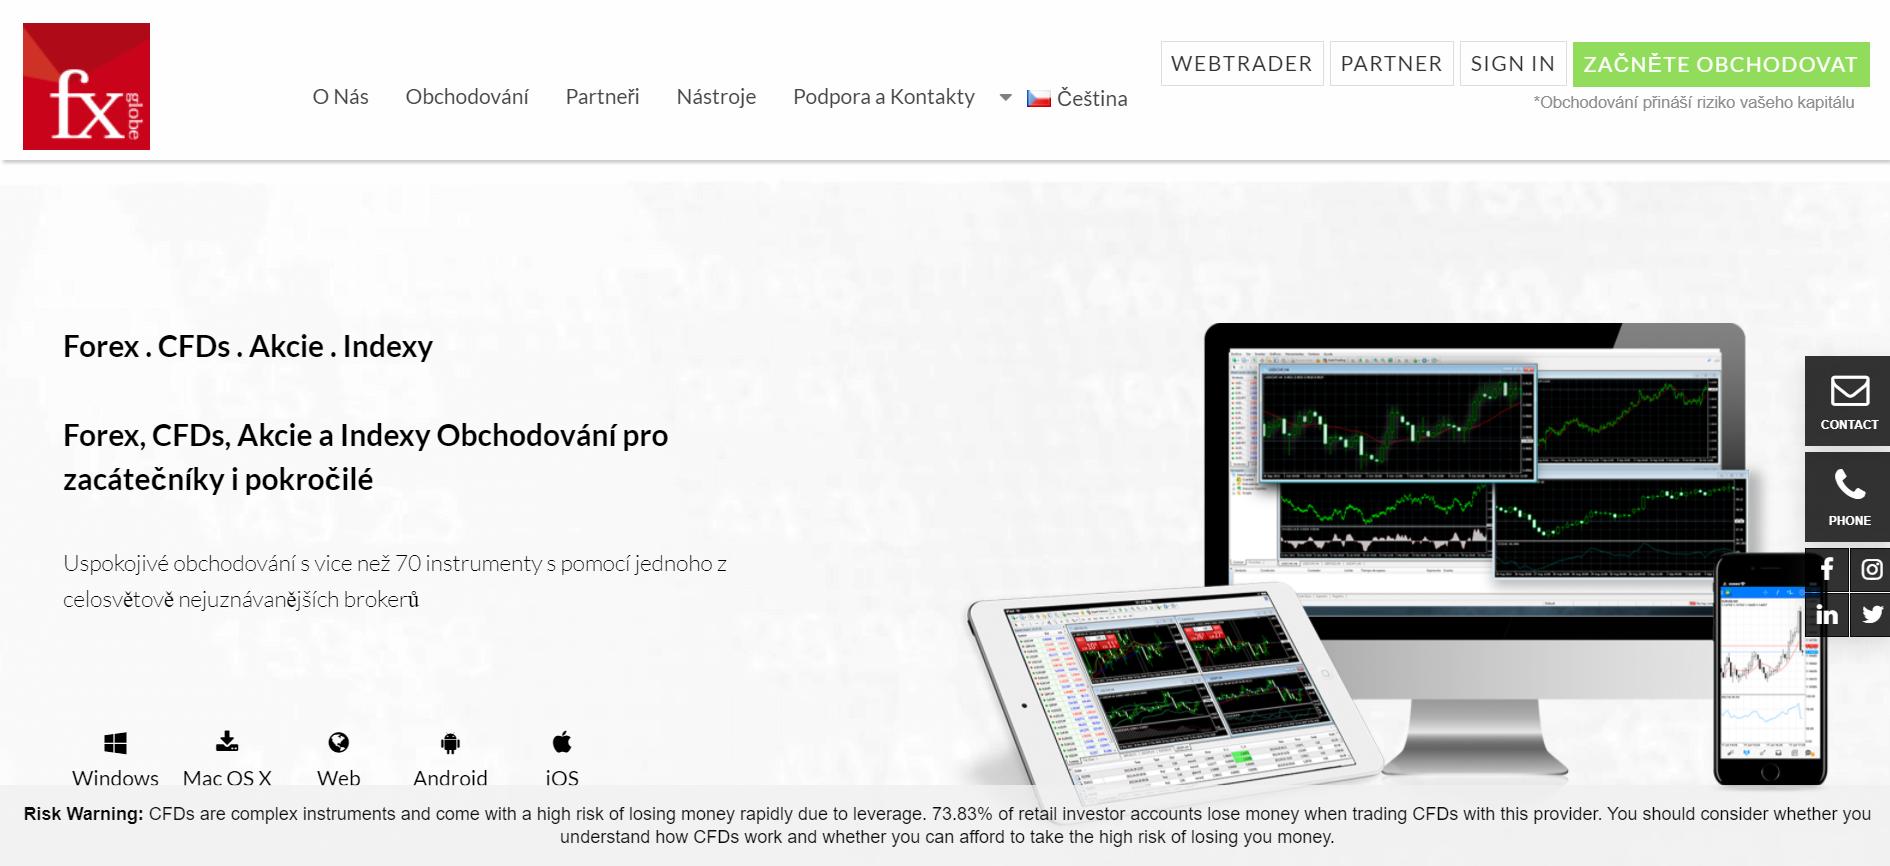 Web spoločnosti FxGlobe CZ